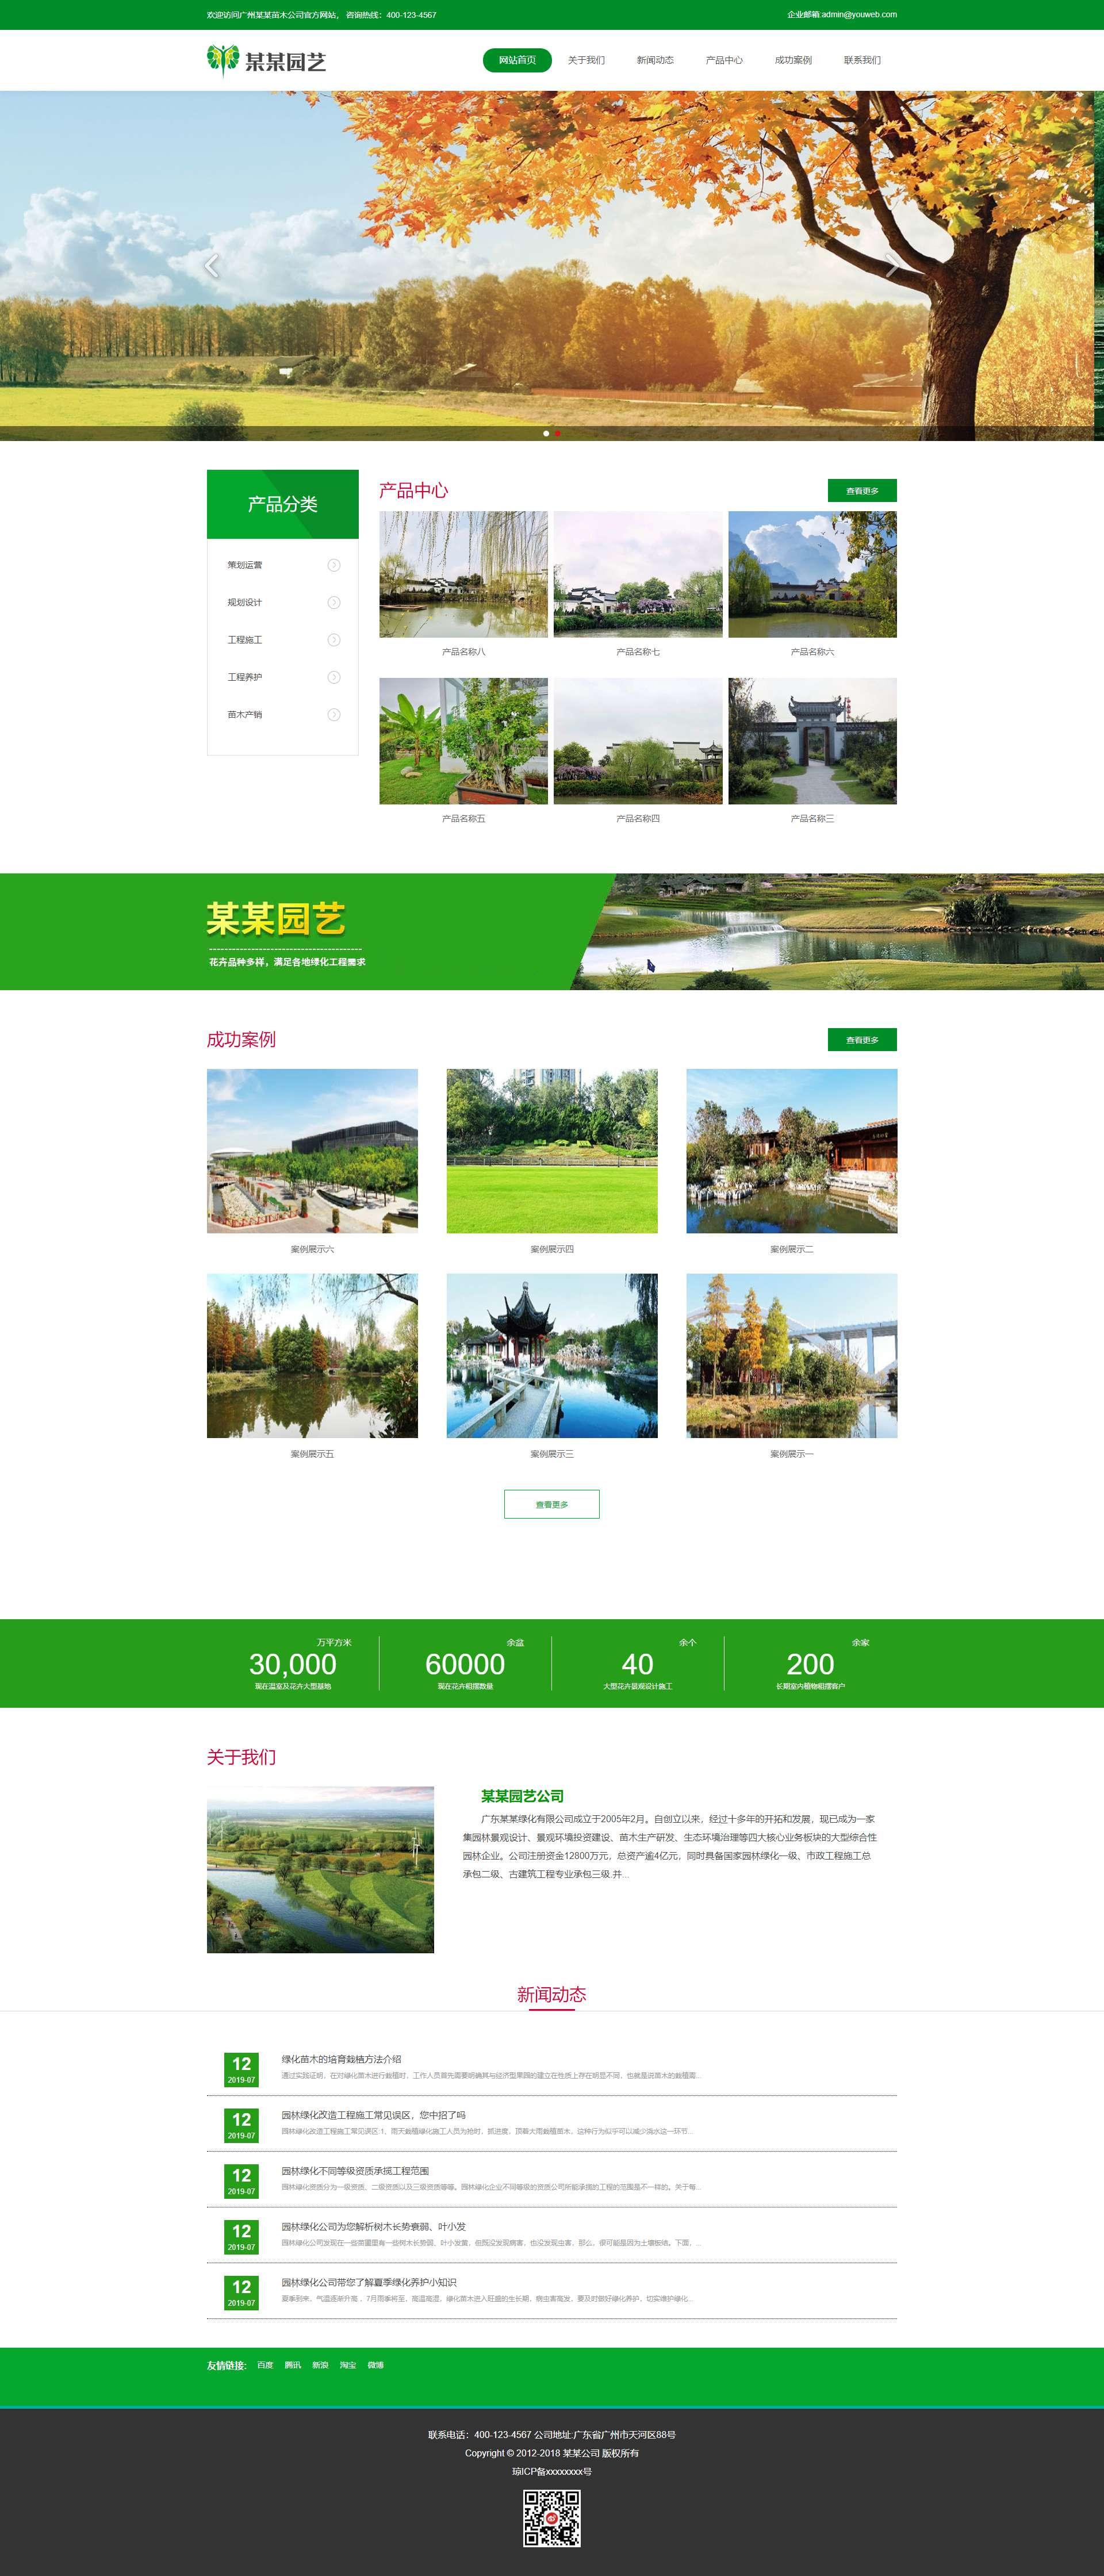 苗木园林绿化网站建设模板(响应式)